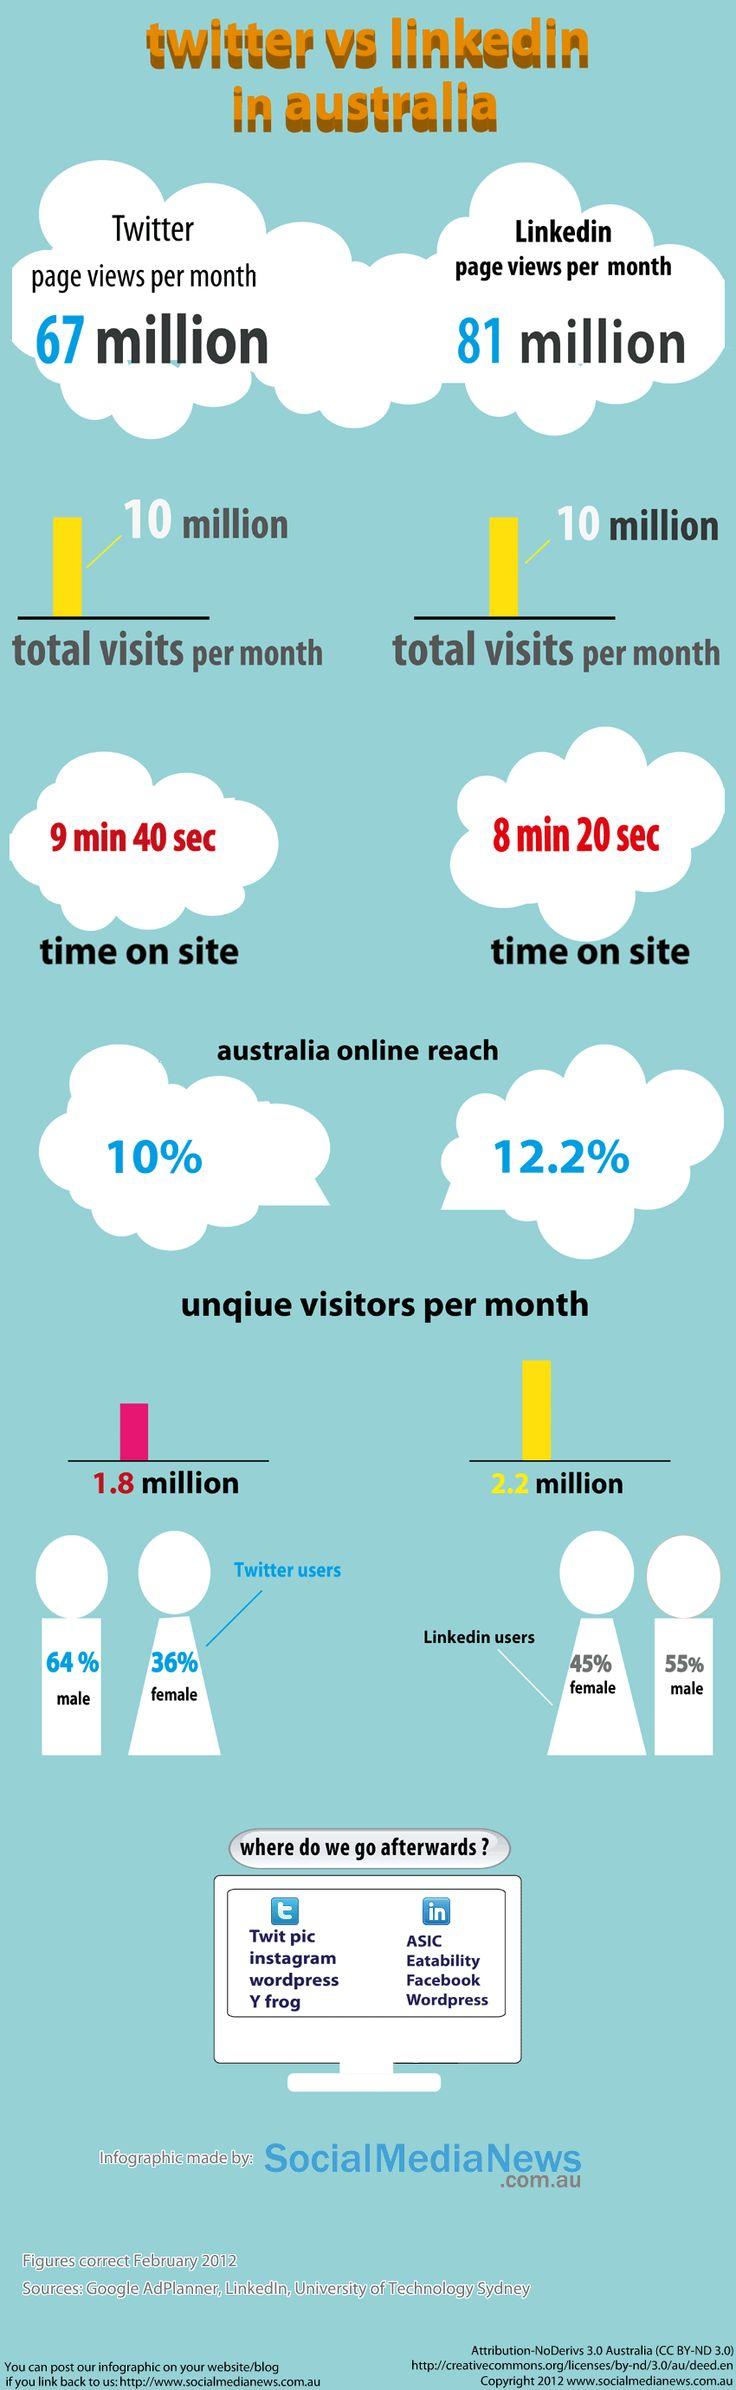 Twitter v LinkedIn in Australia    From: http://www.socialmedianews.com.au/twitter-v-linkedin-in-australia-infographic/